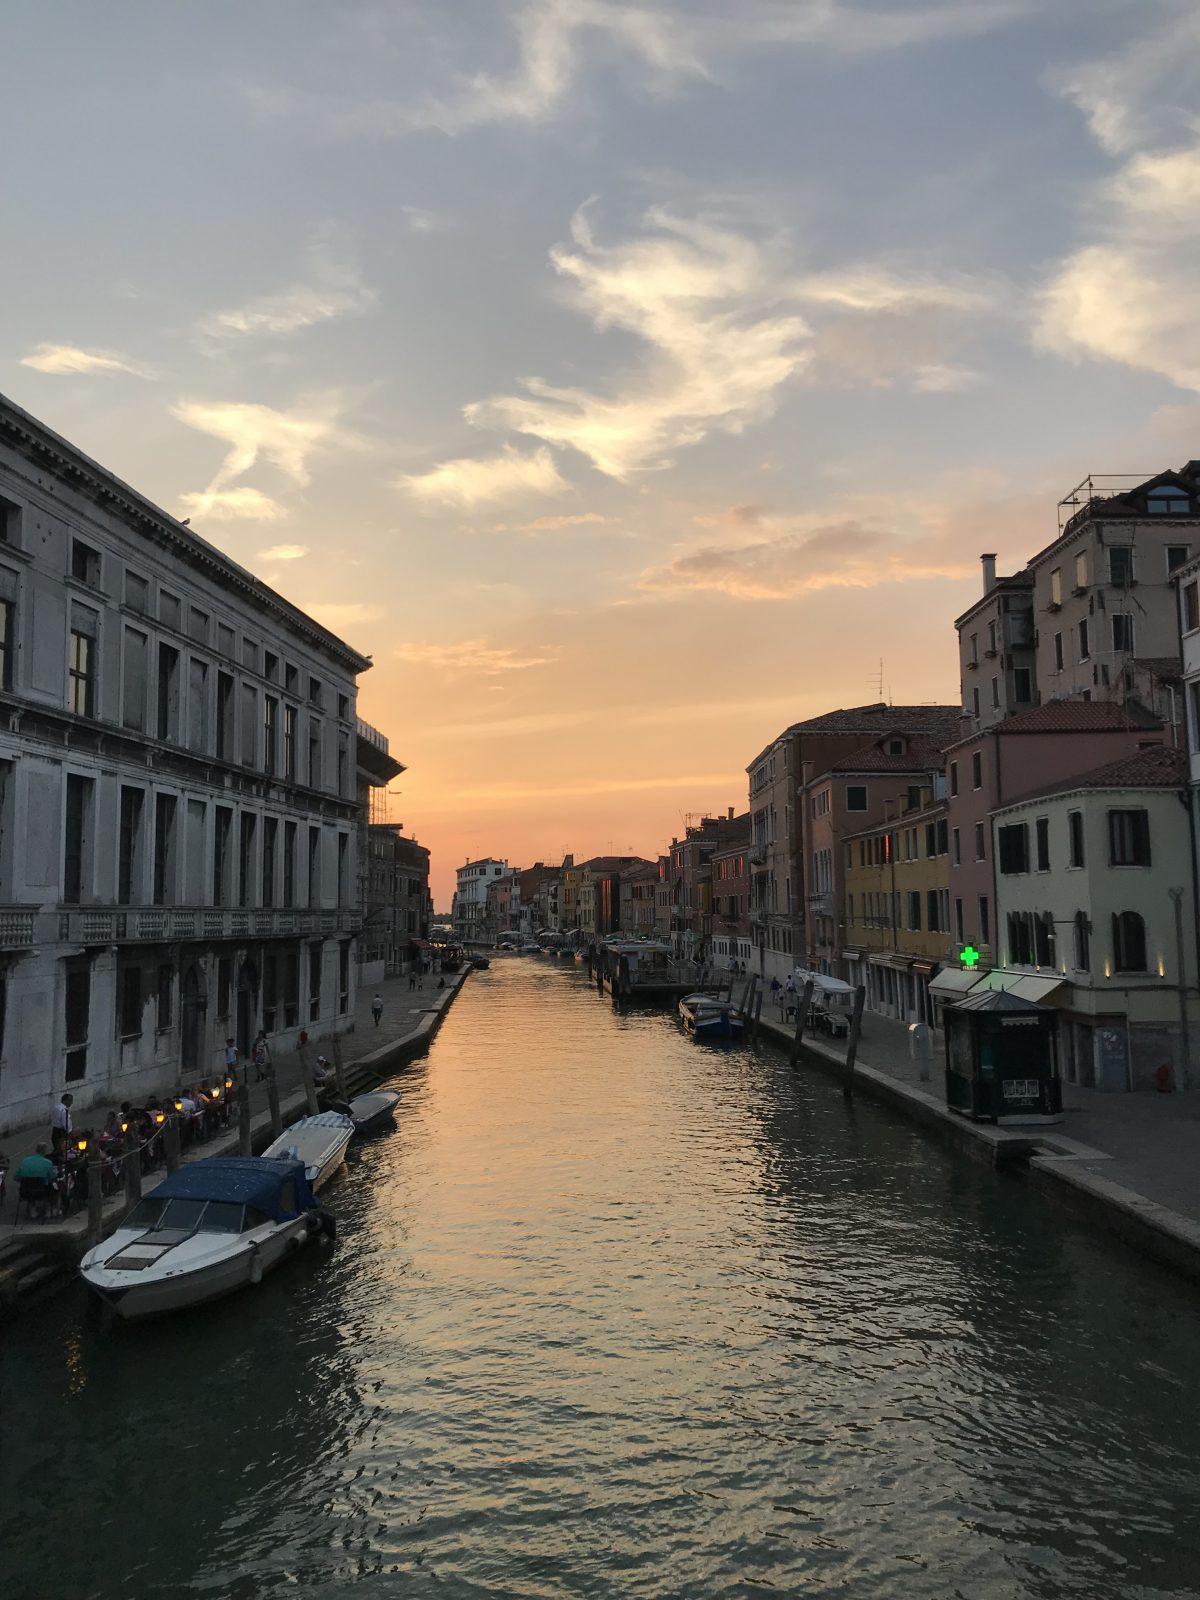 Sechs Stunden ohne Halt: Über verschlungene Wege nach Venedig